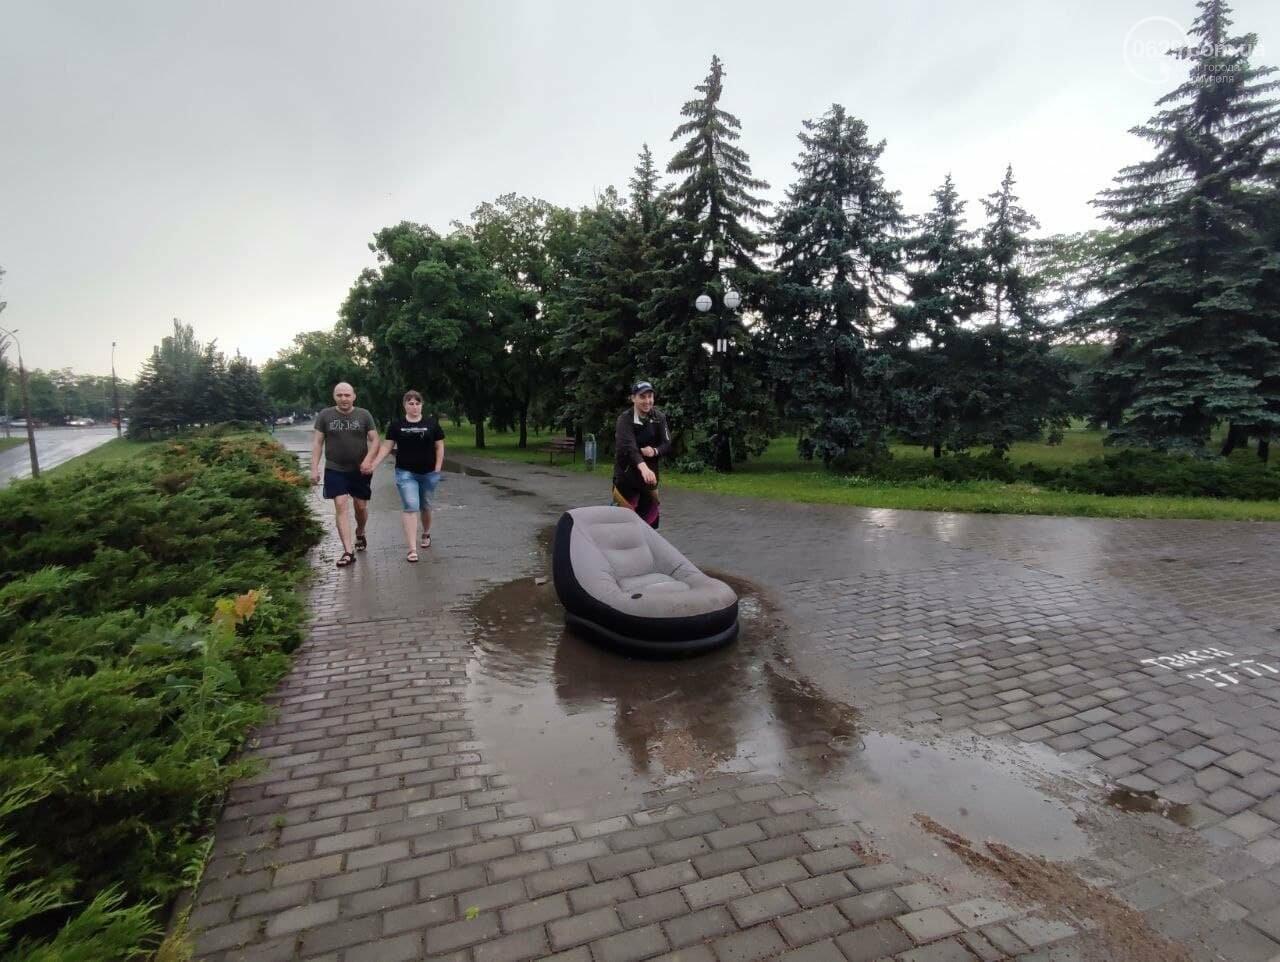 Потоп на улице Громовой. Водолазы опускаются на дно искусственного озера, - ФОТО, ВИДЕО, фото-6